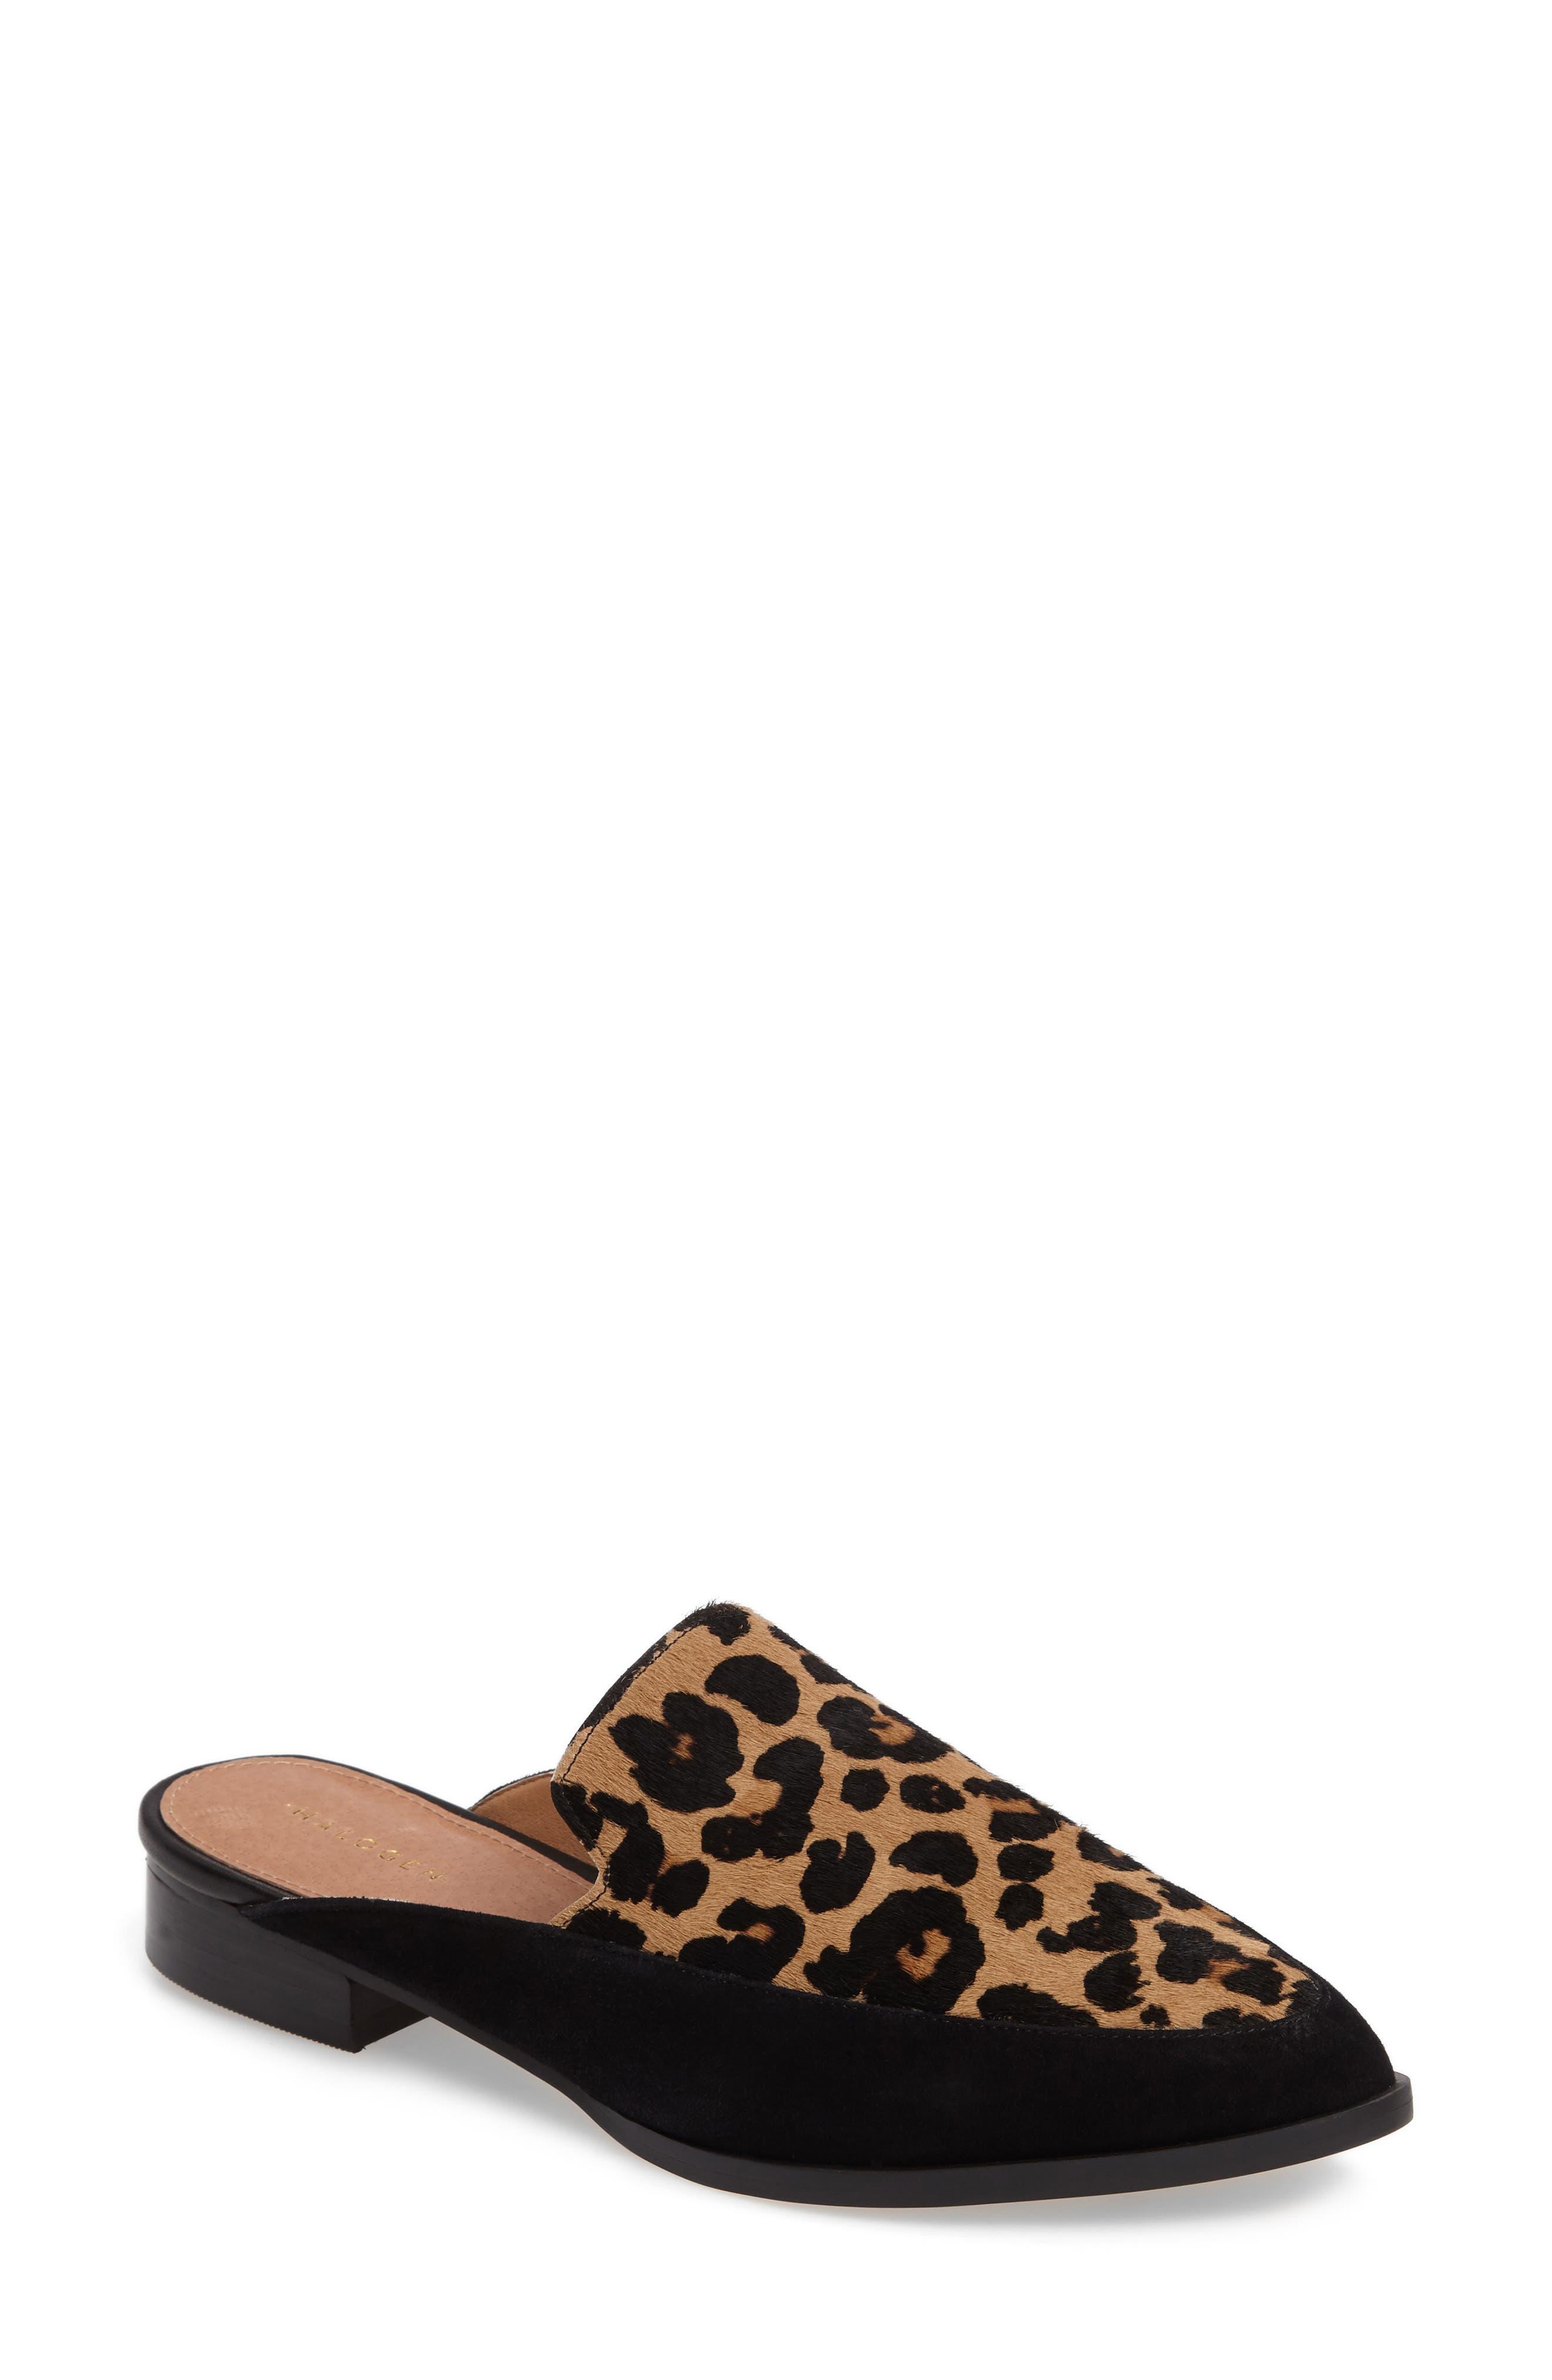 Alternate Image 1 Selected - Halogen® Corbin Genuine Calf Hair Slide Loafer (Women)